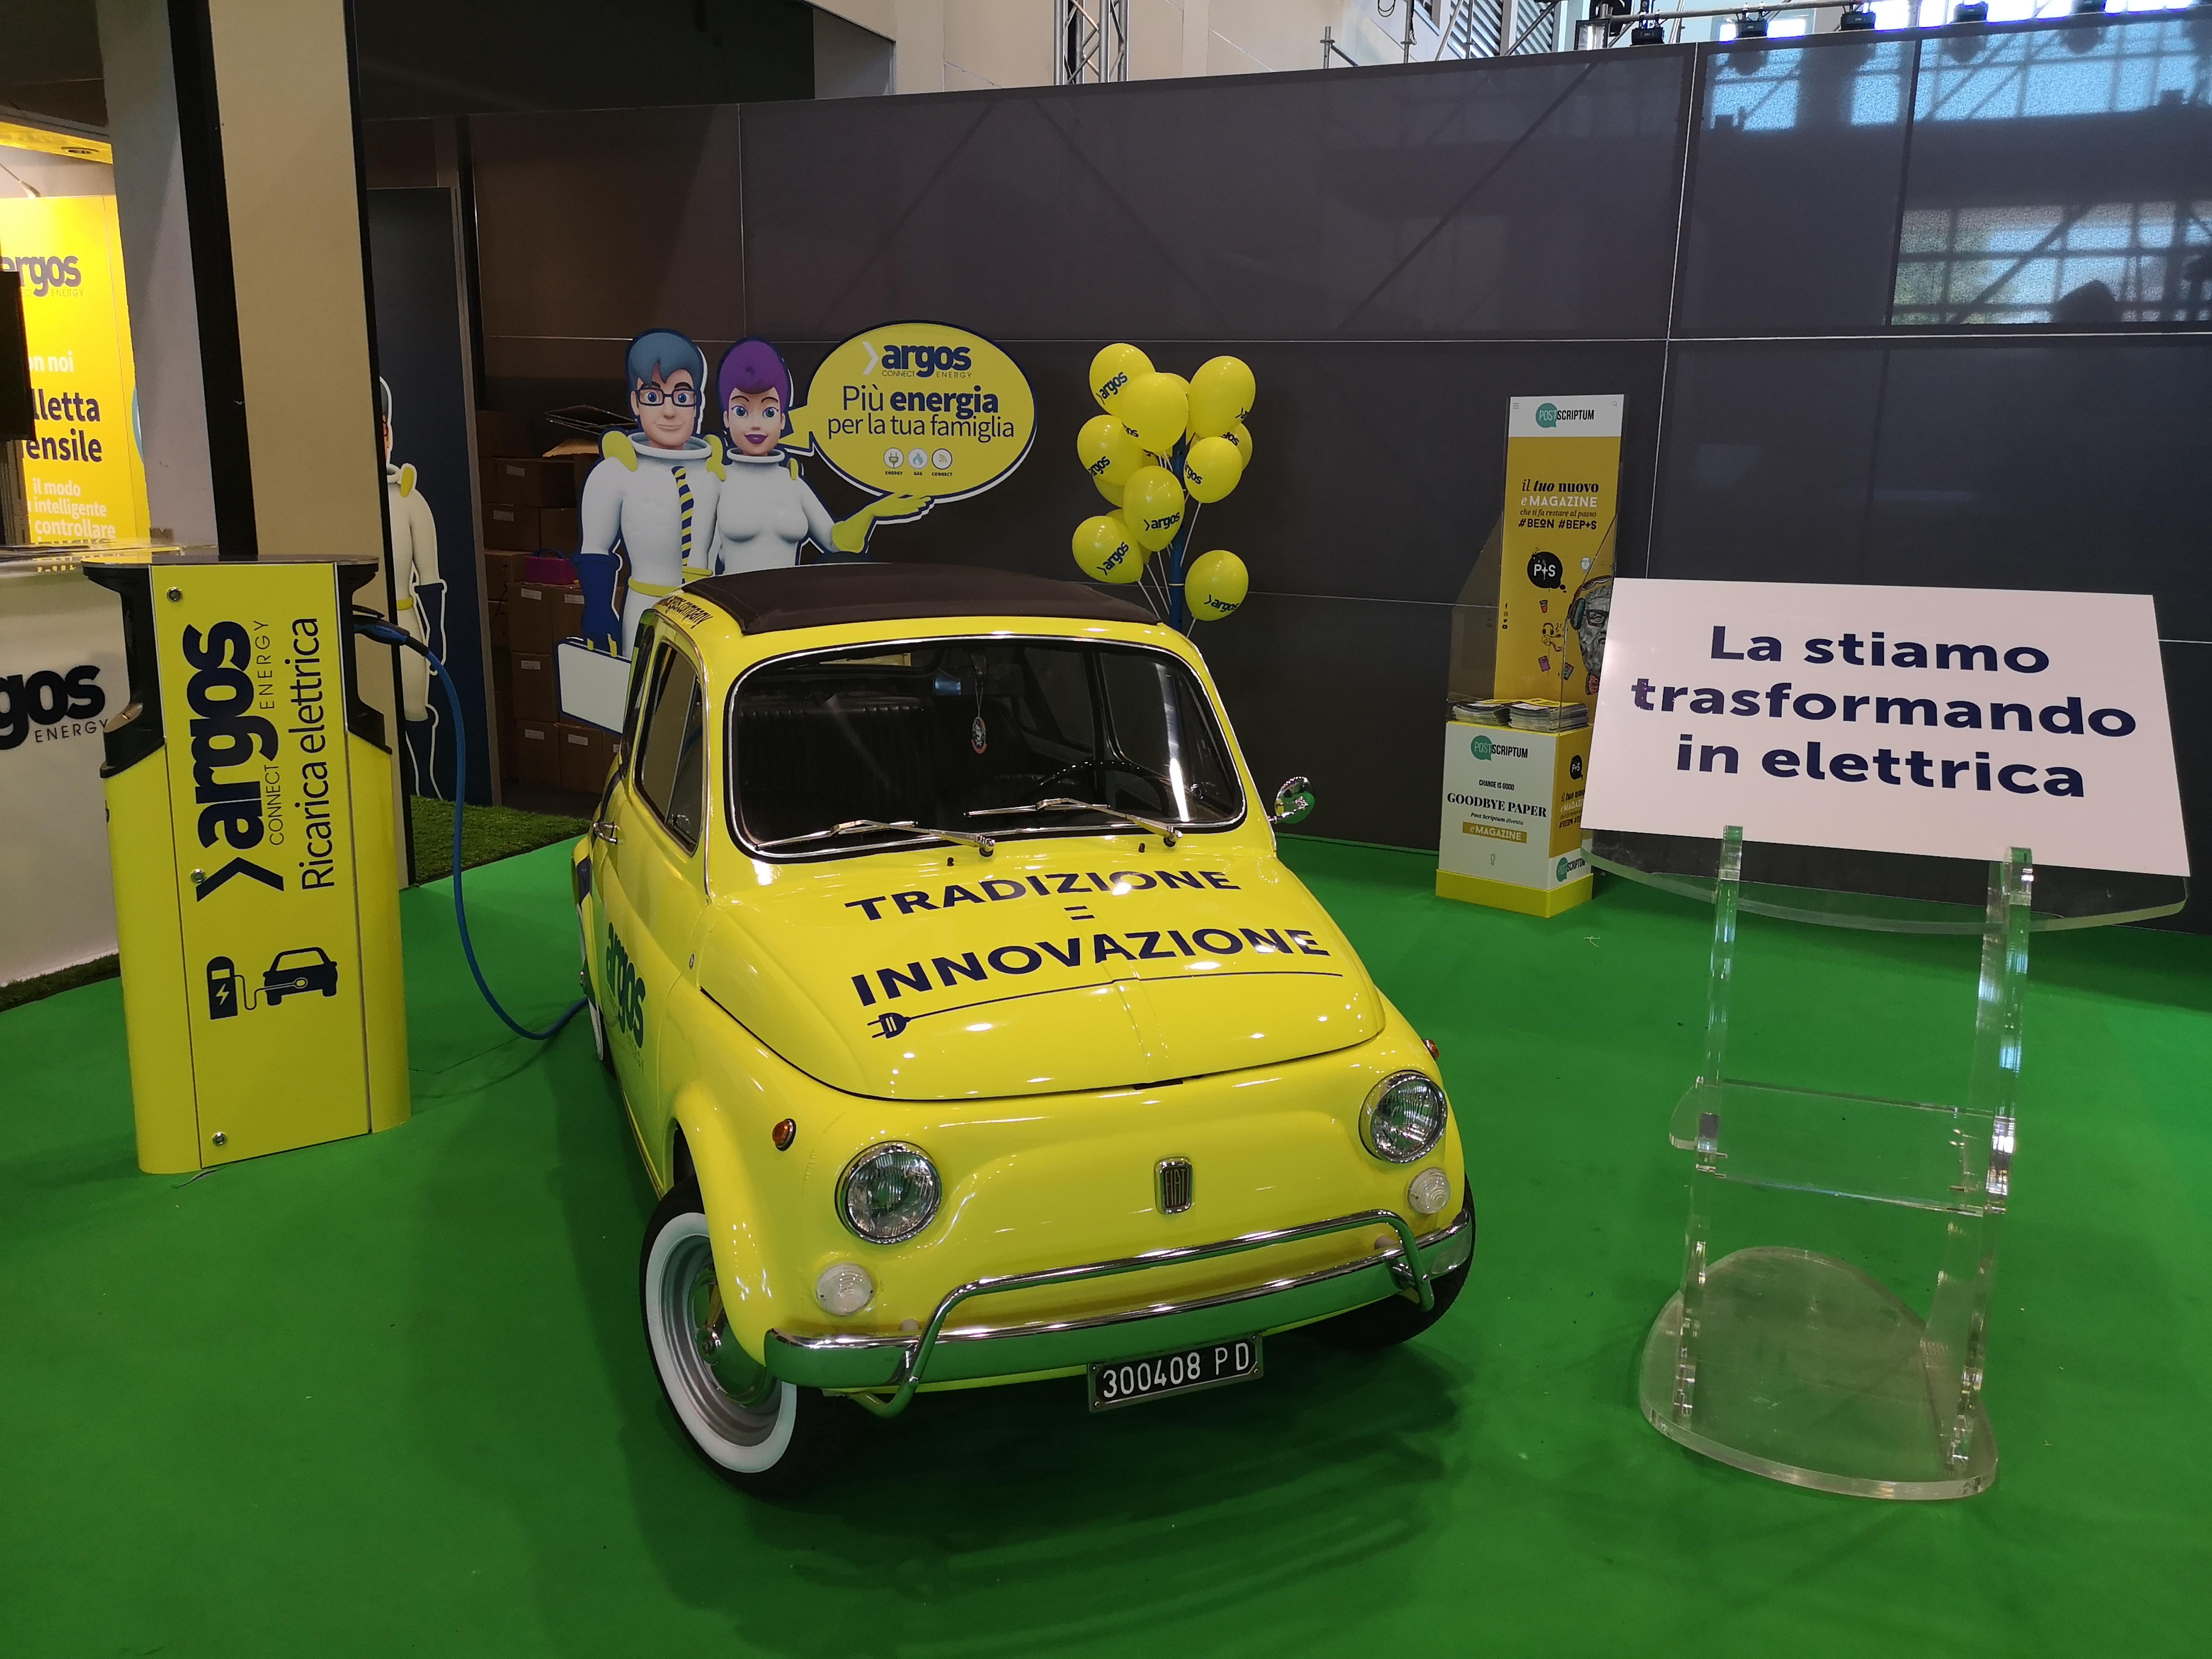 Fiera Campionaria Padova 2019 2